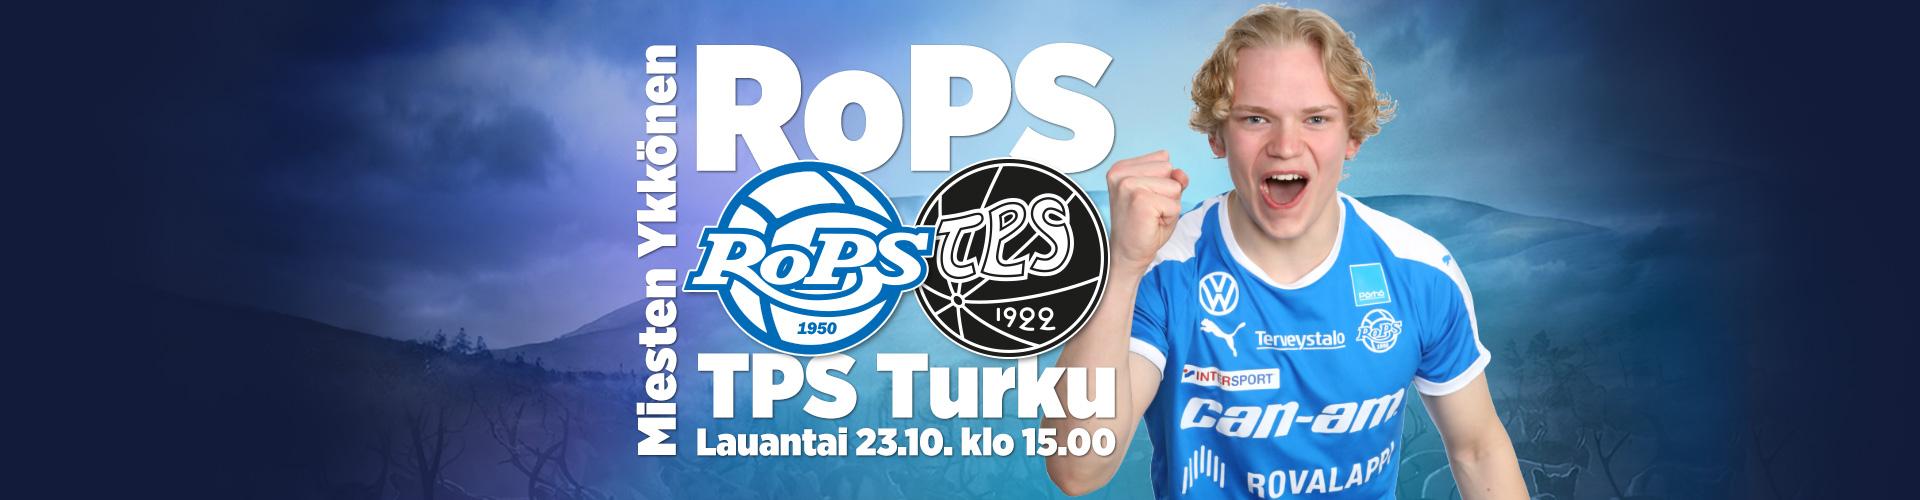 2021-RoPS-TPS-jatkosarja